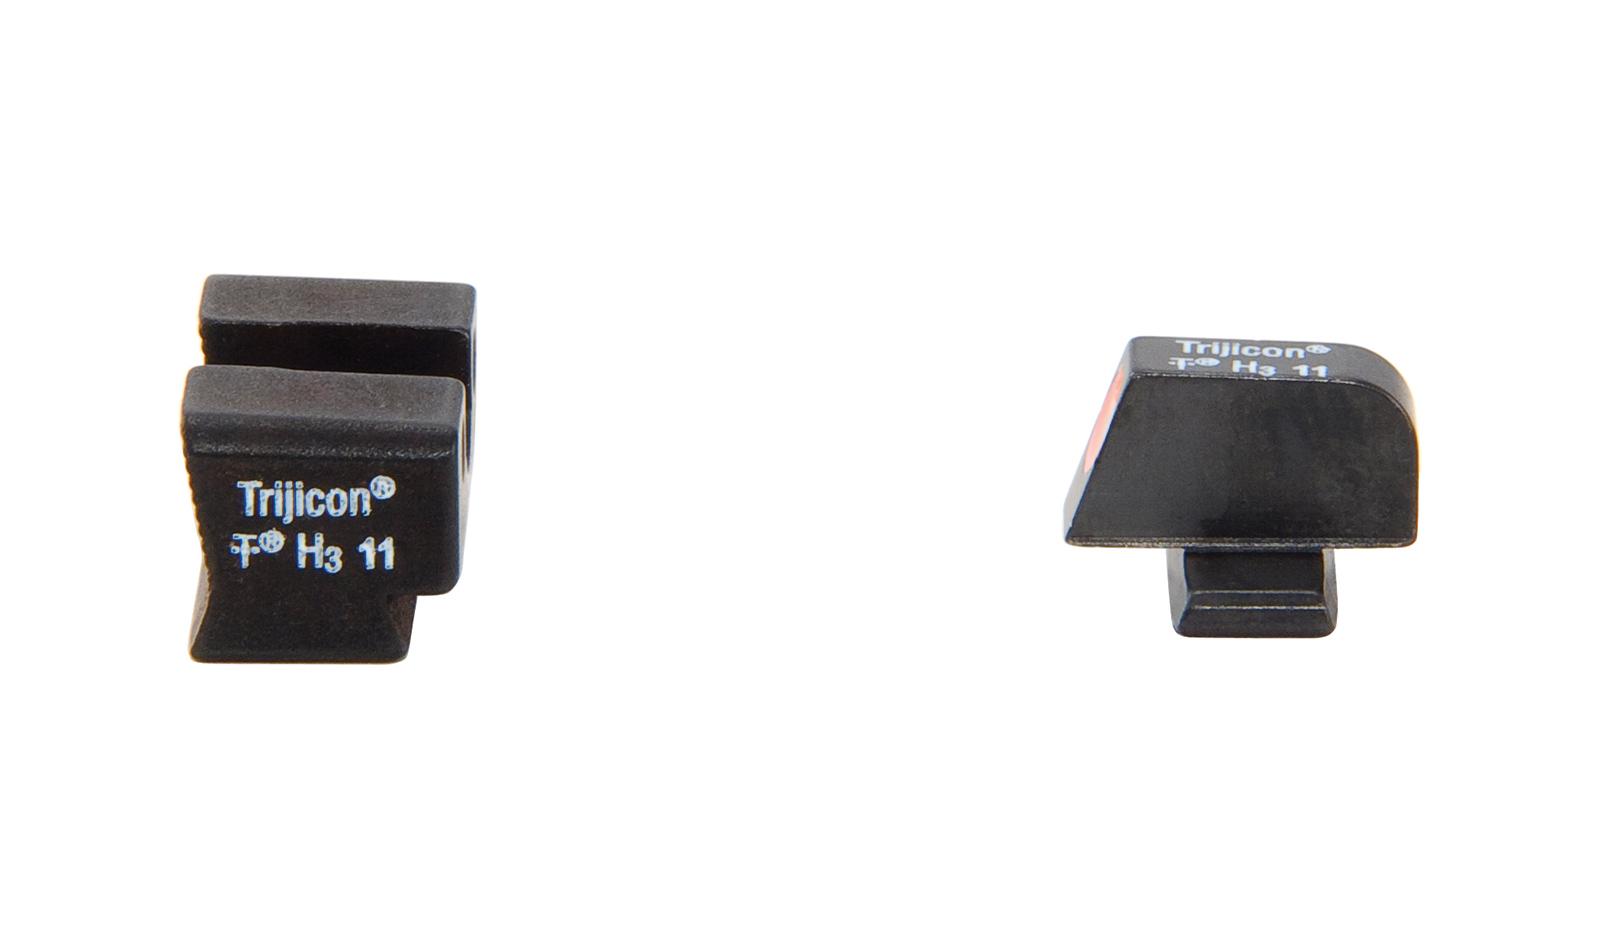 SP102-C-600752 angle 2